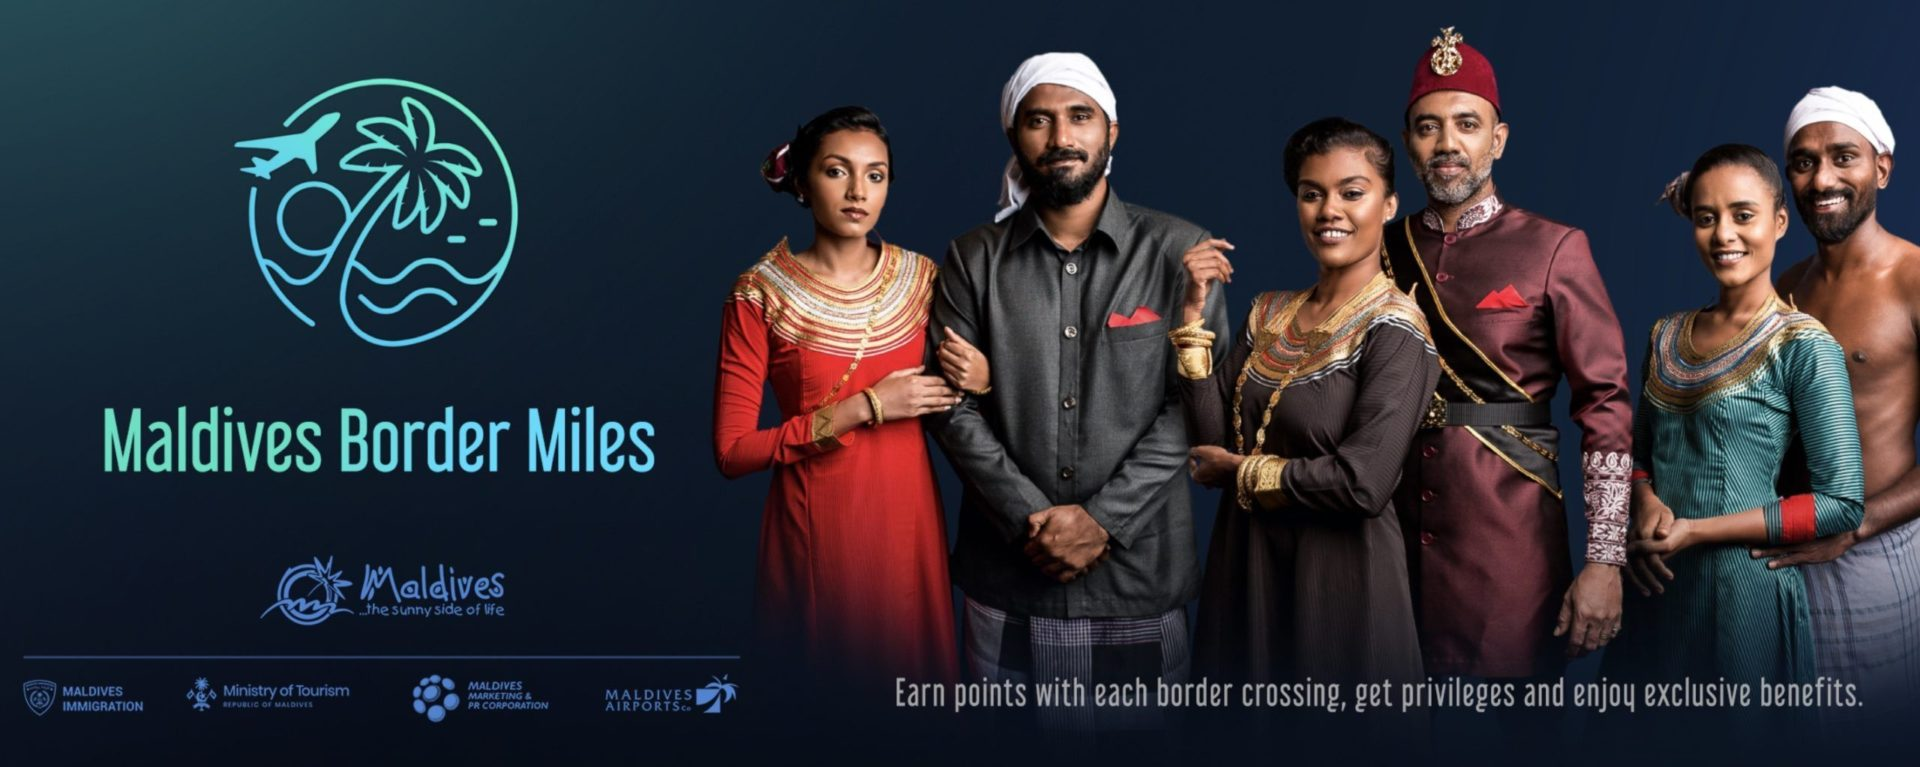 Maldivas programa de fidelidade